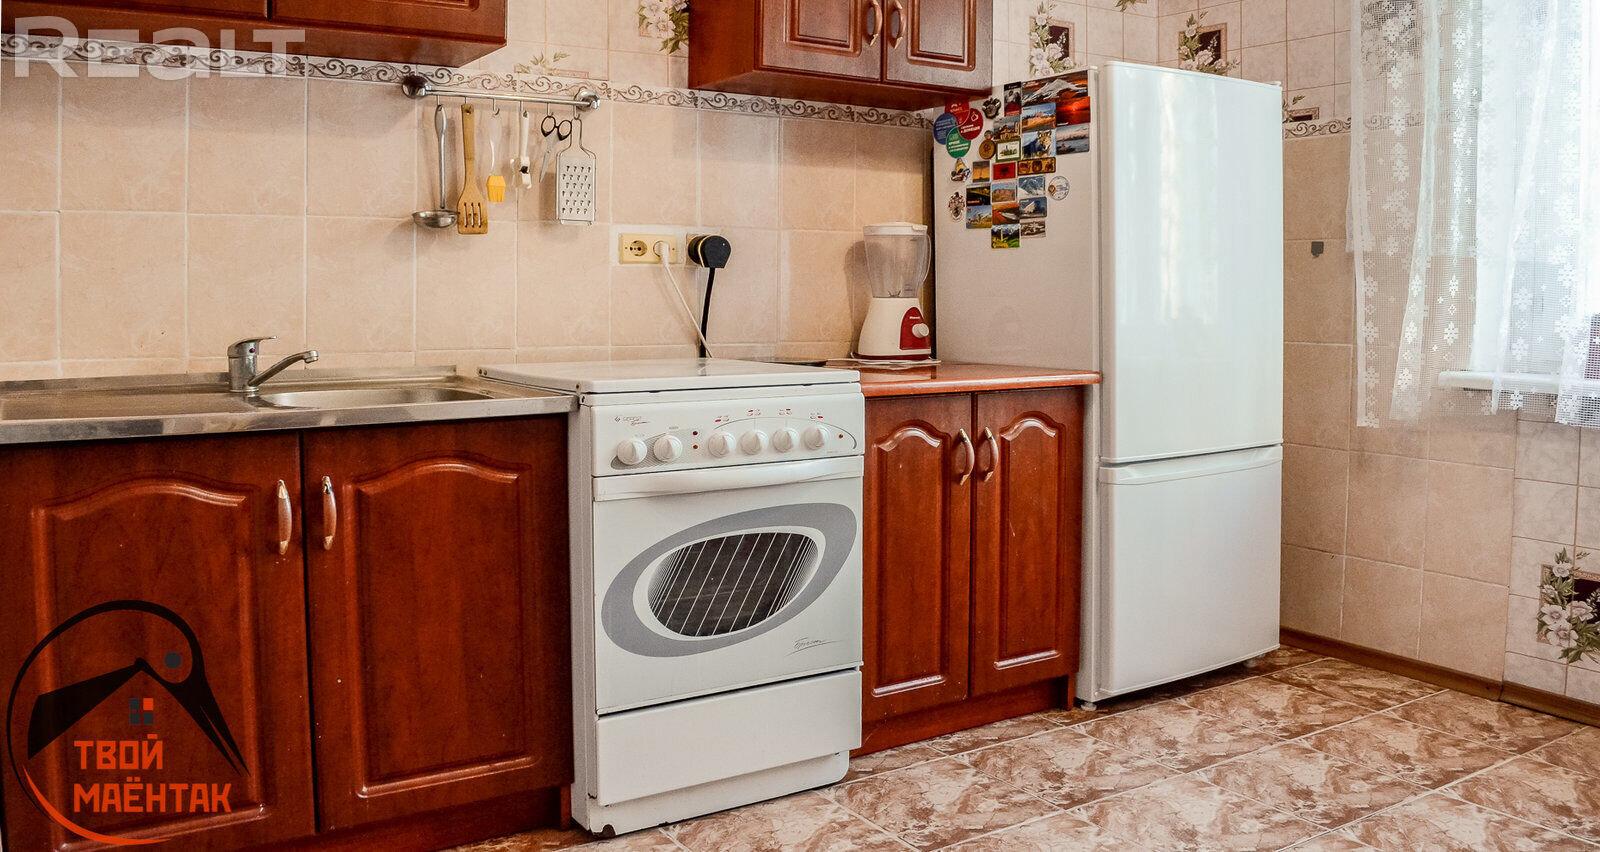 Продается 1 комнатная квартира, ул. Лучины д.46 - фото №9